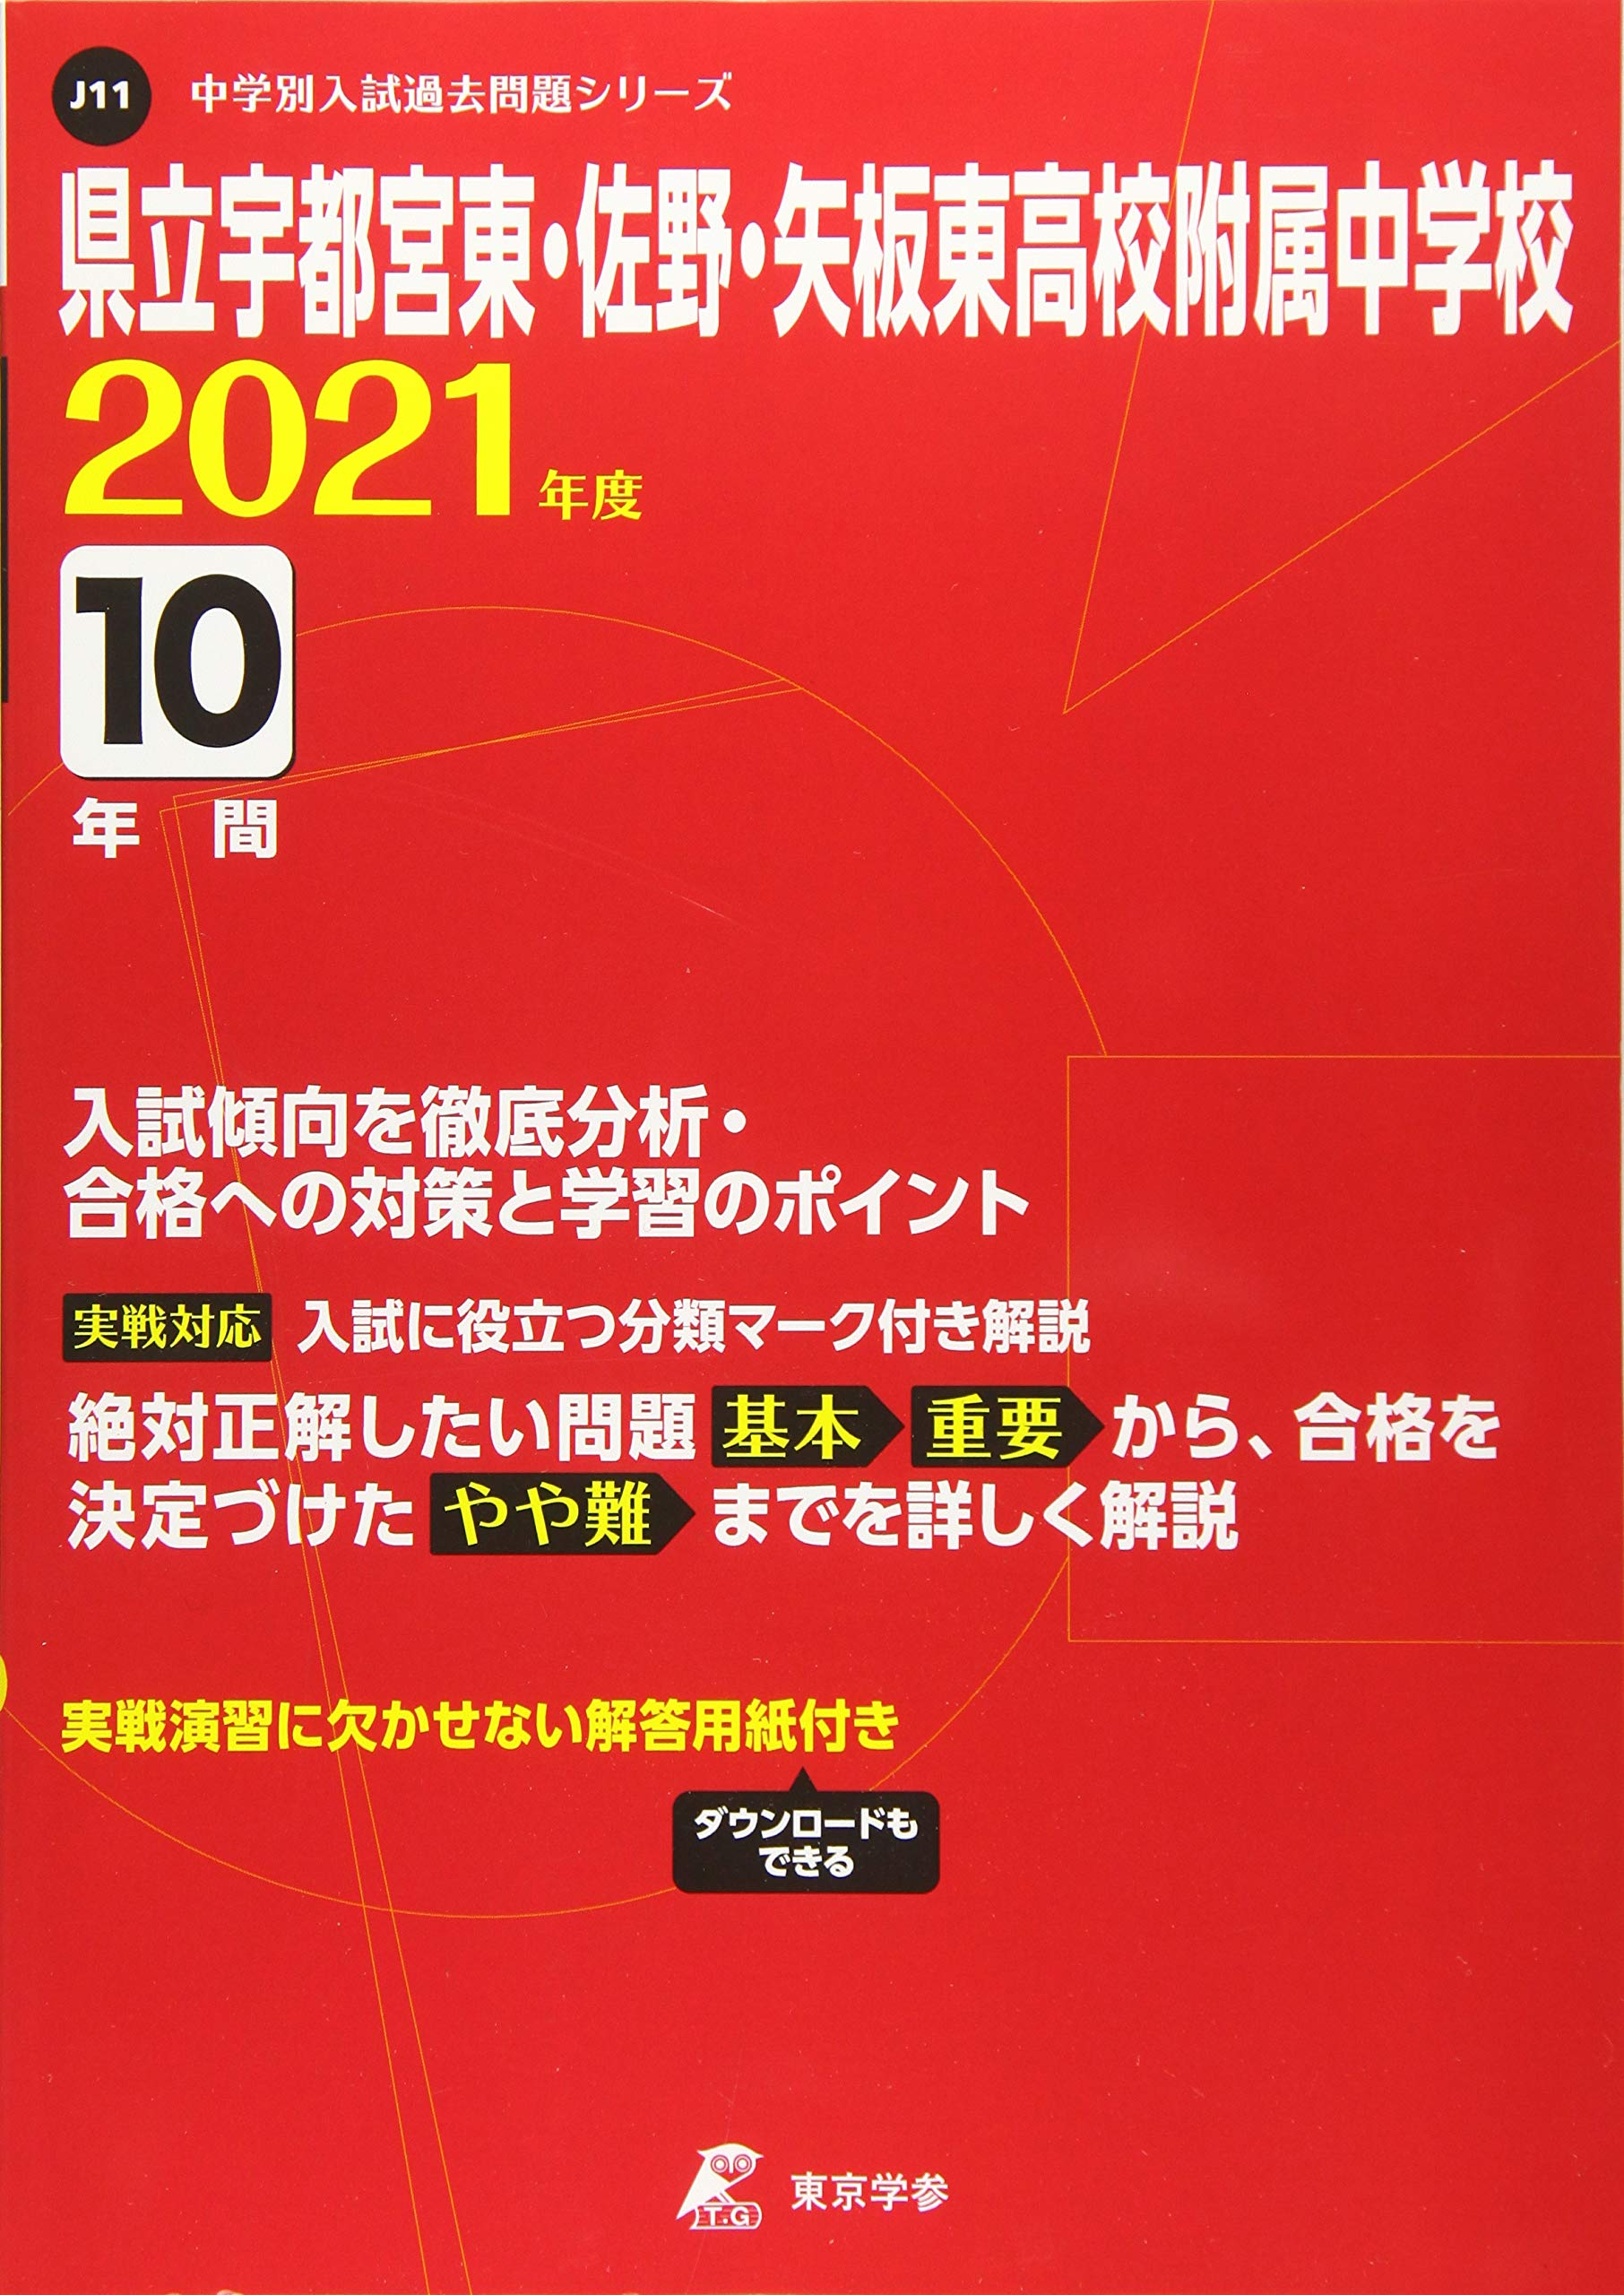 J11_2021(Back_Number)